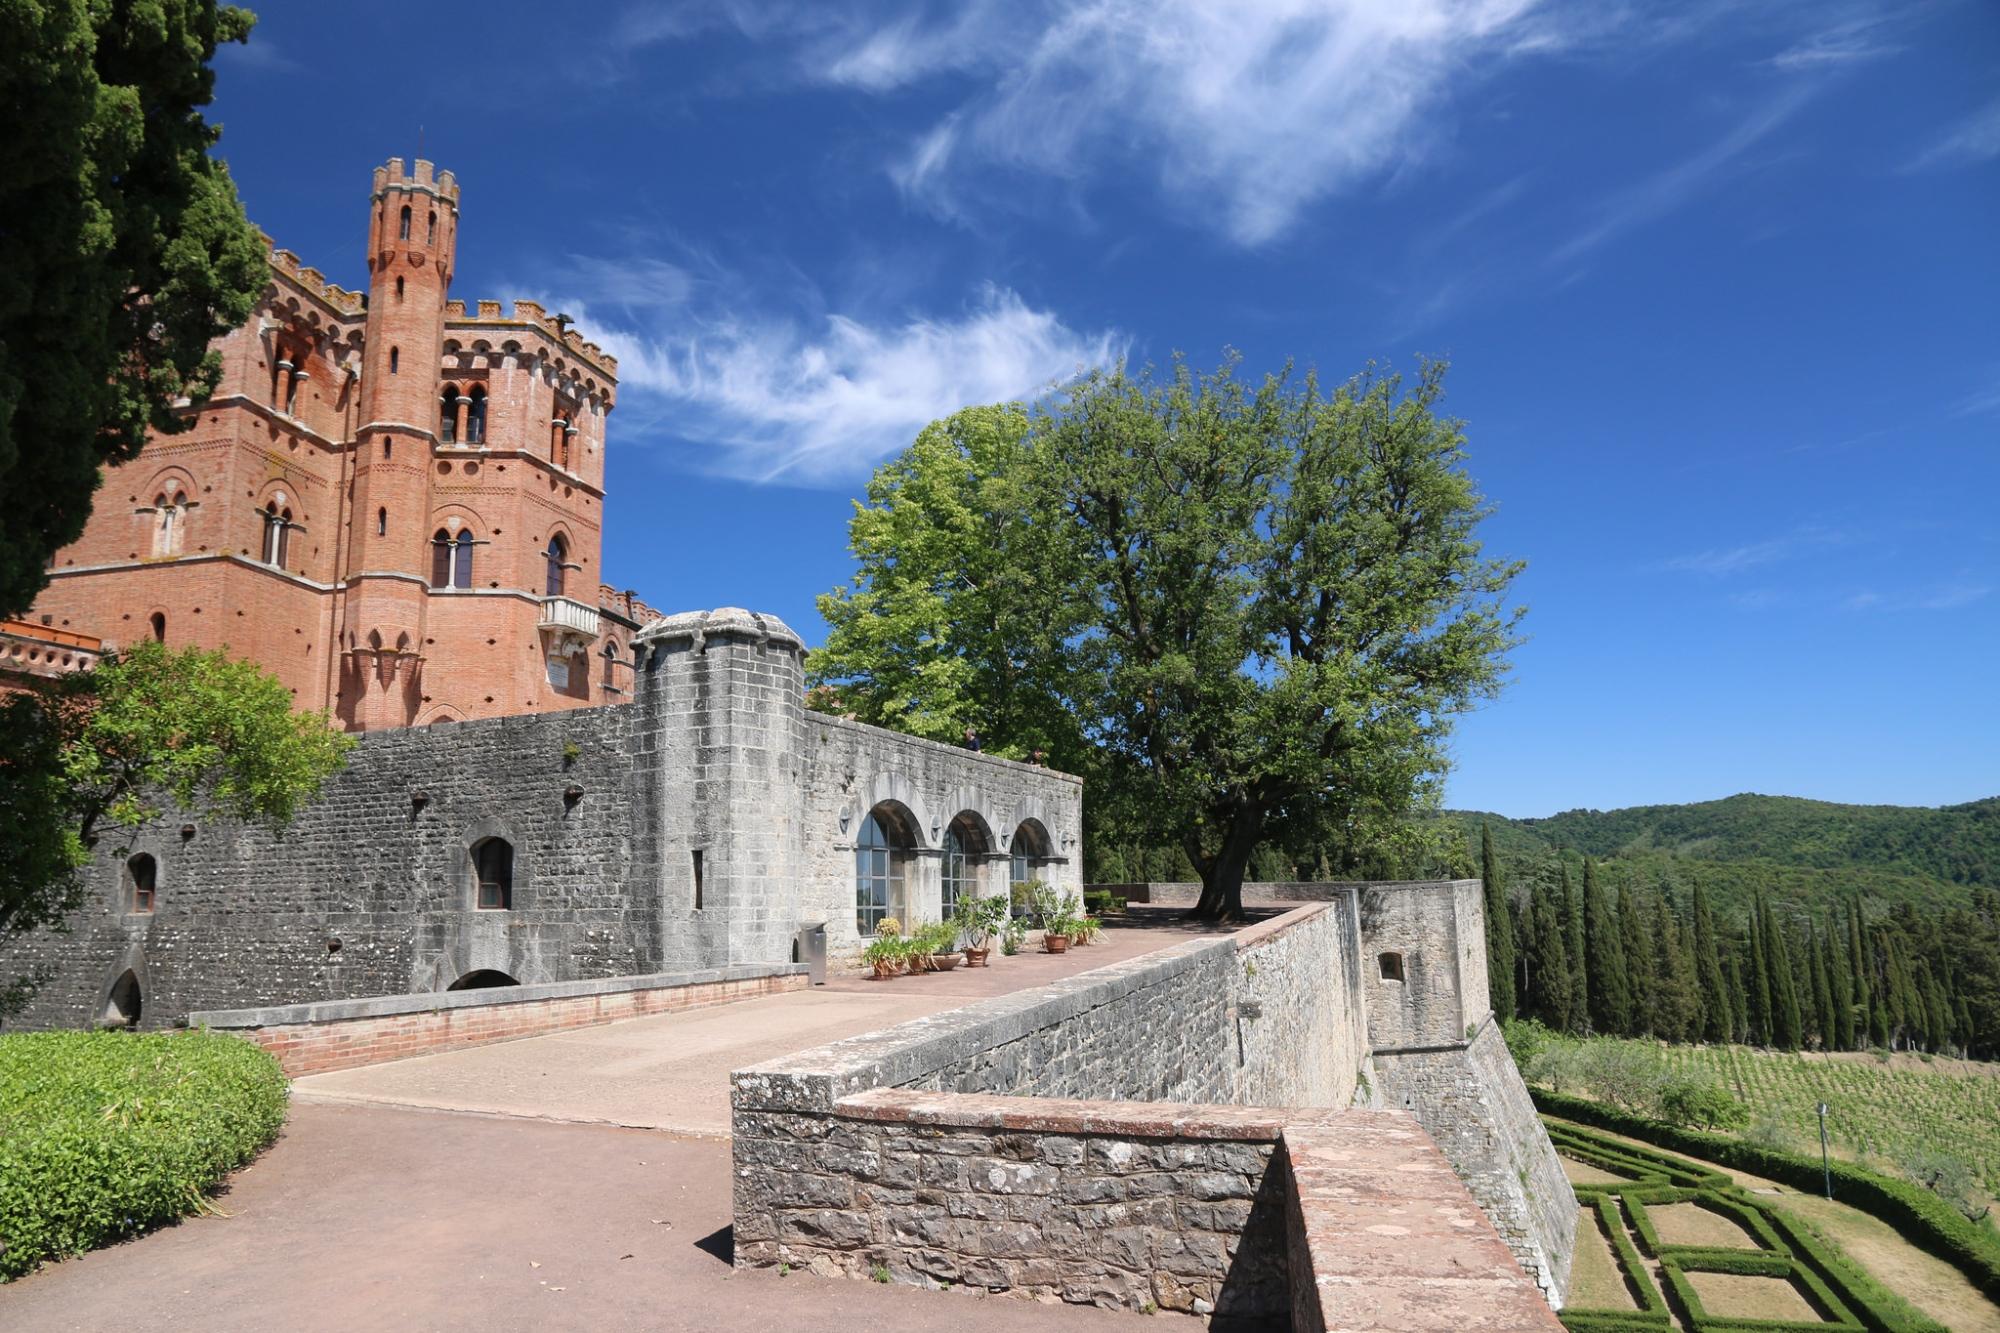 Castello Di Brolio Tours